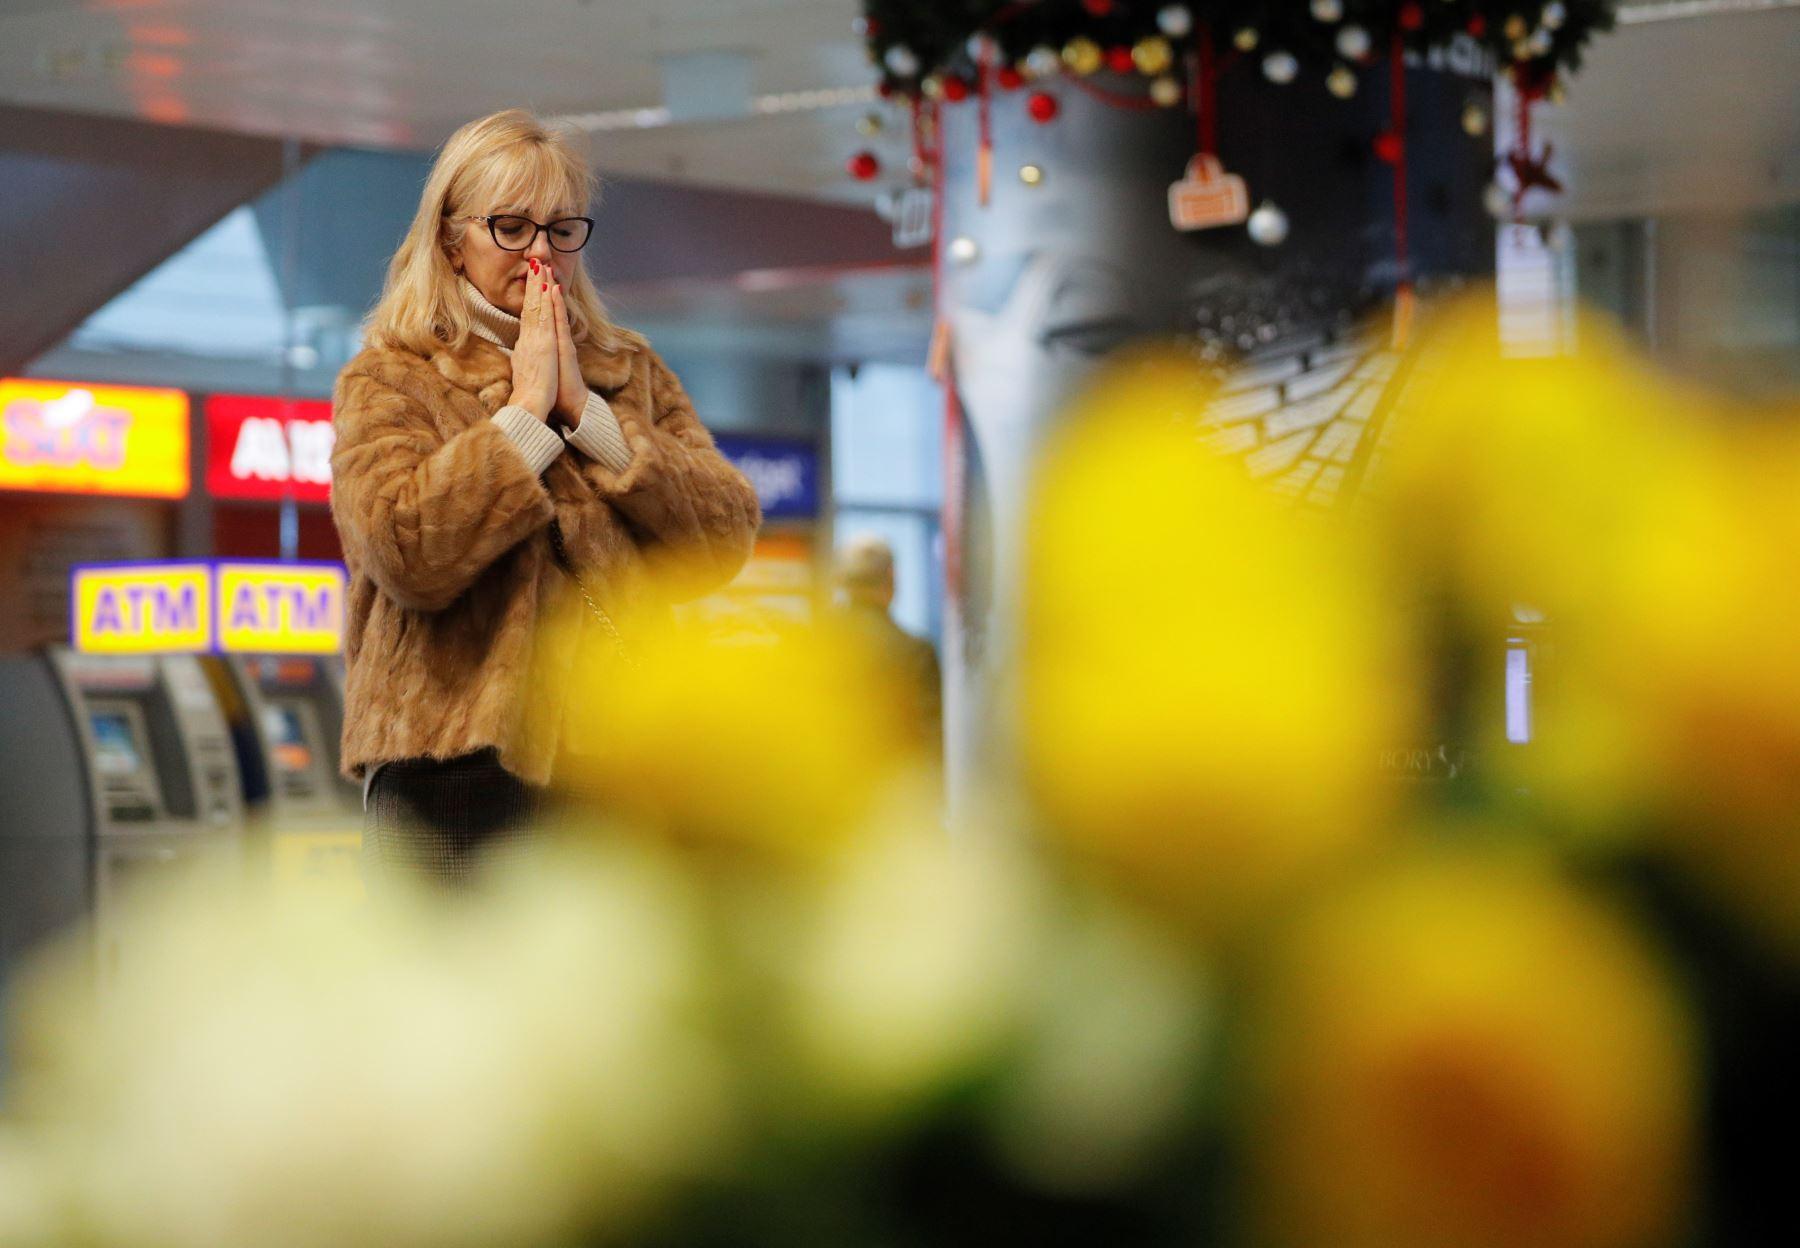 La gente reacciona mientras rinden homenaje cerca de los retratos de los miembros de la tripulación del vuelo PS752 de Ukraine International Airlines en el aeropuerto internacional de Boryspil en Kiev, Ucrania.